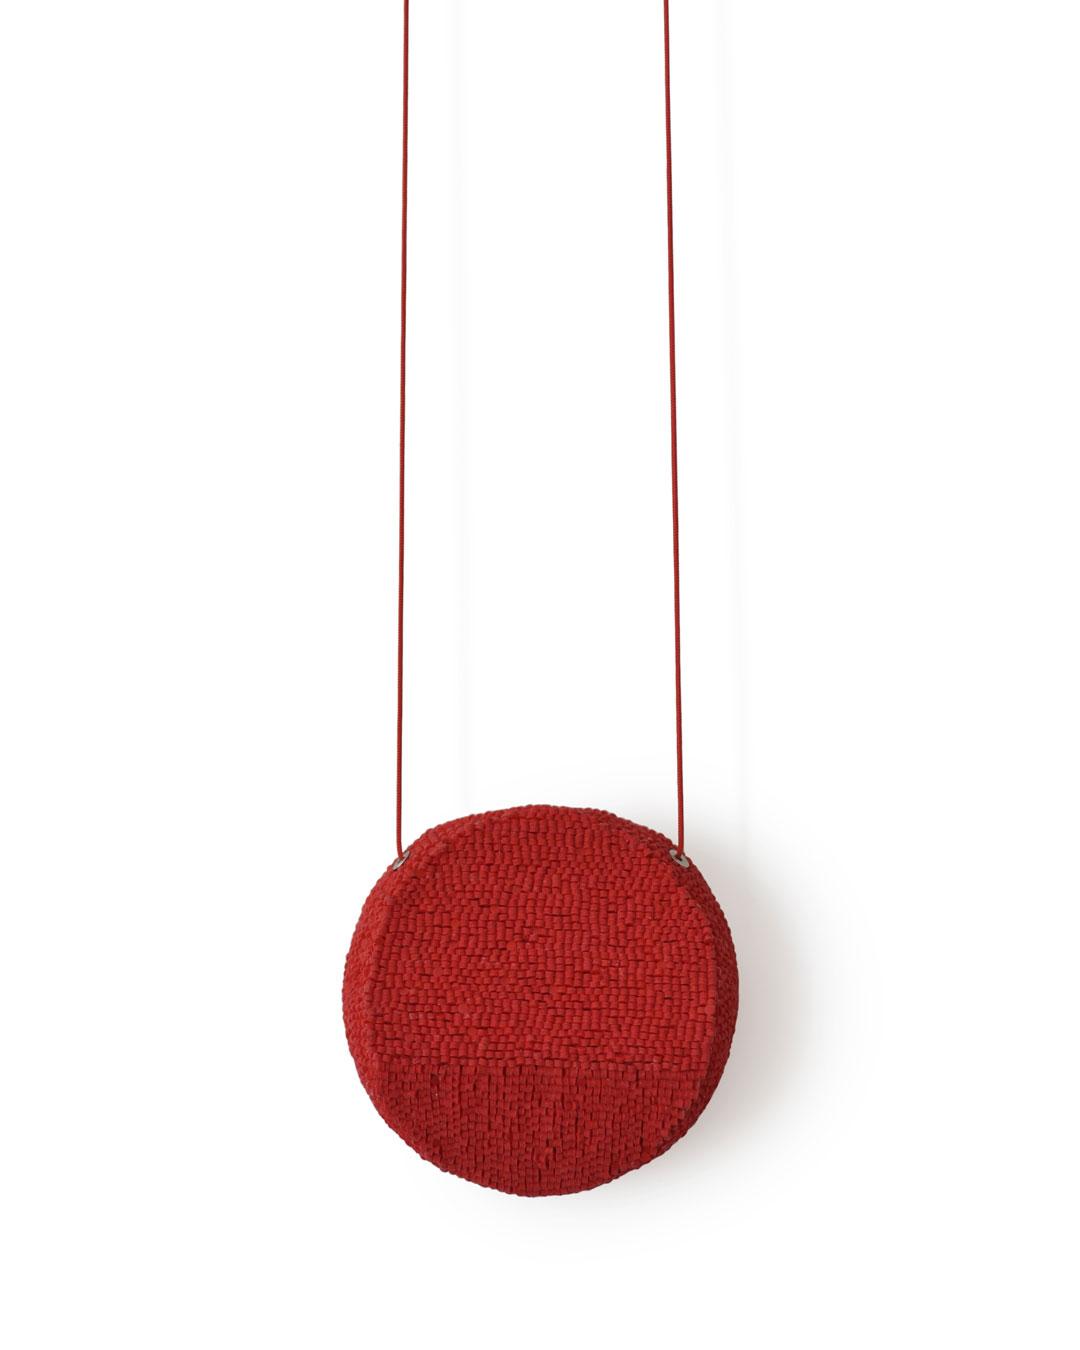 Karin Seufert, untitled, 2019, pendant; PVC, thread, 82 x 82 x 32 mm, €3400